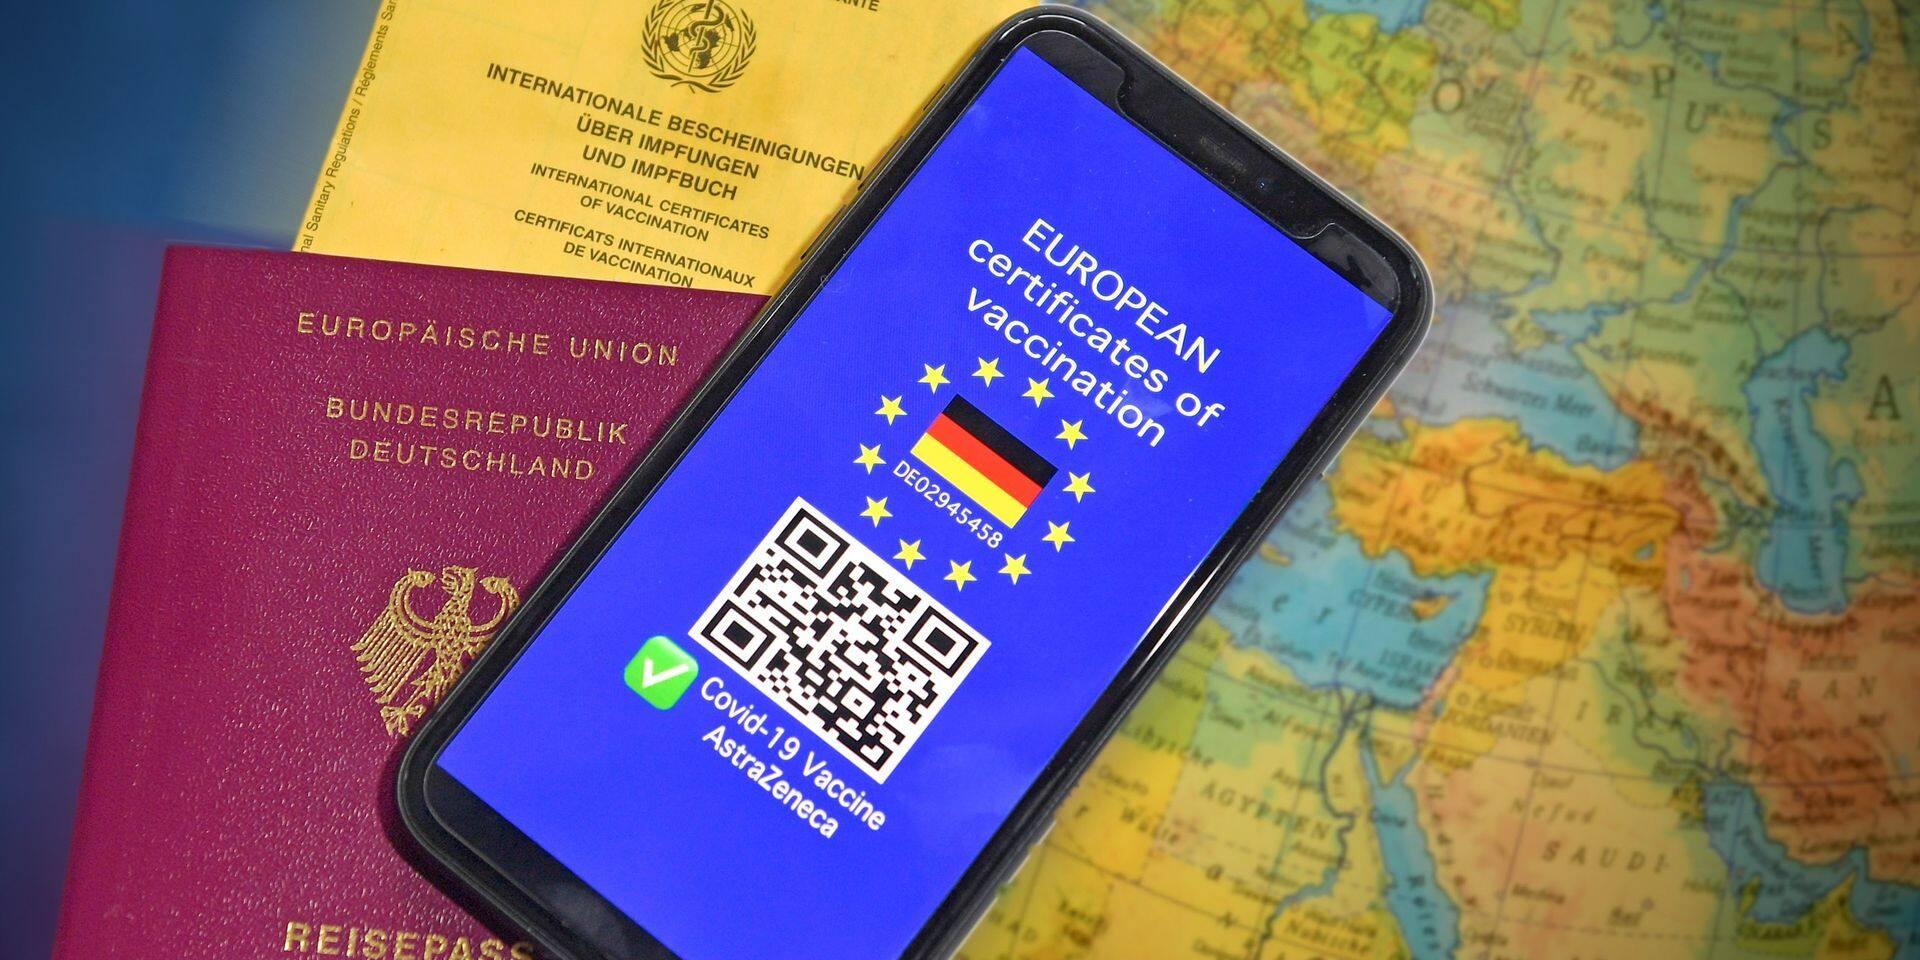 Le pass sanitaire européen en phase de tests dès ce lundi pour être opérationnel en juin